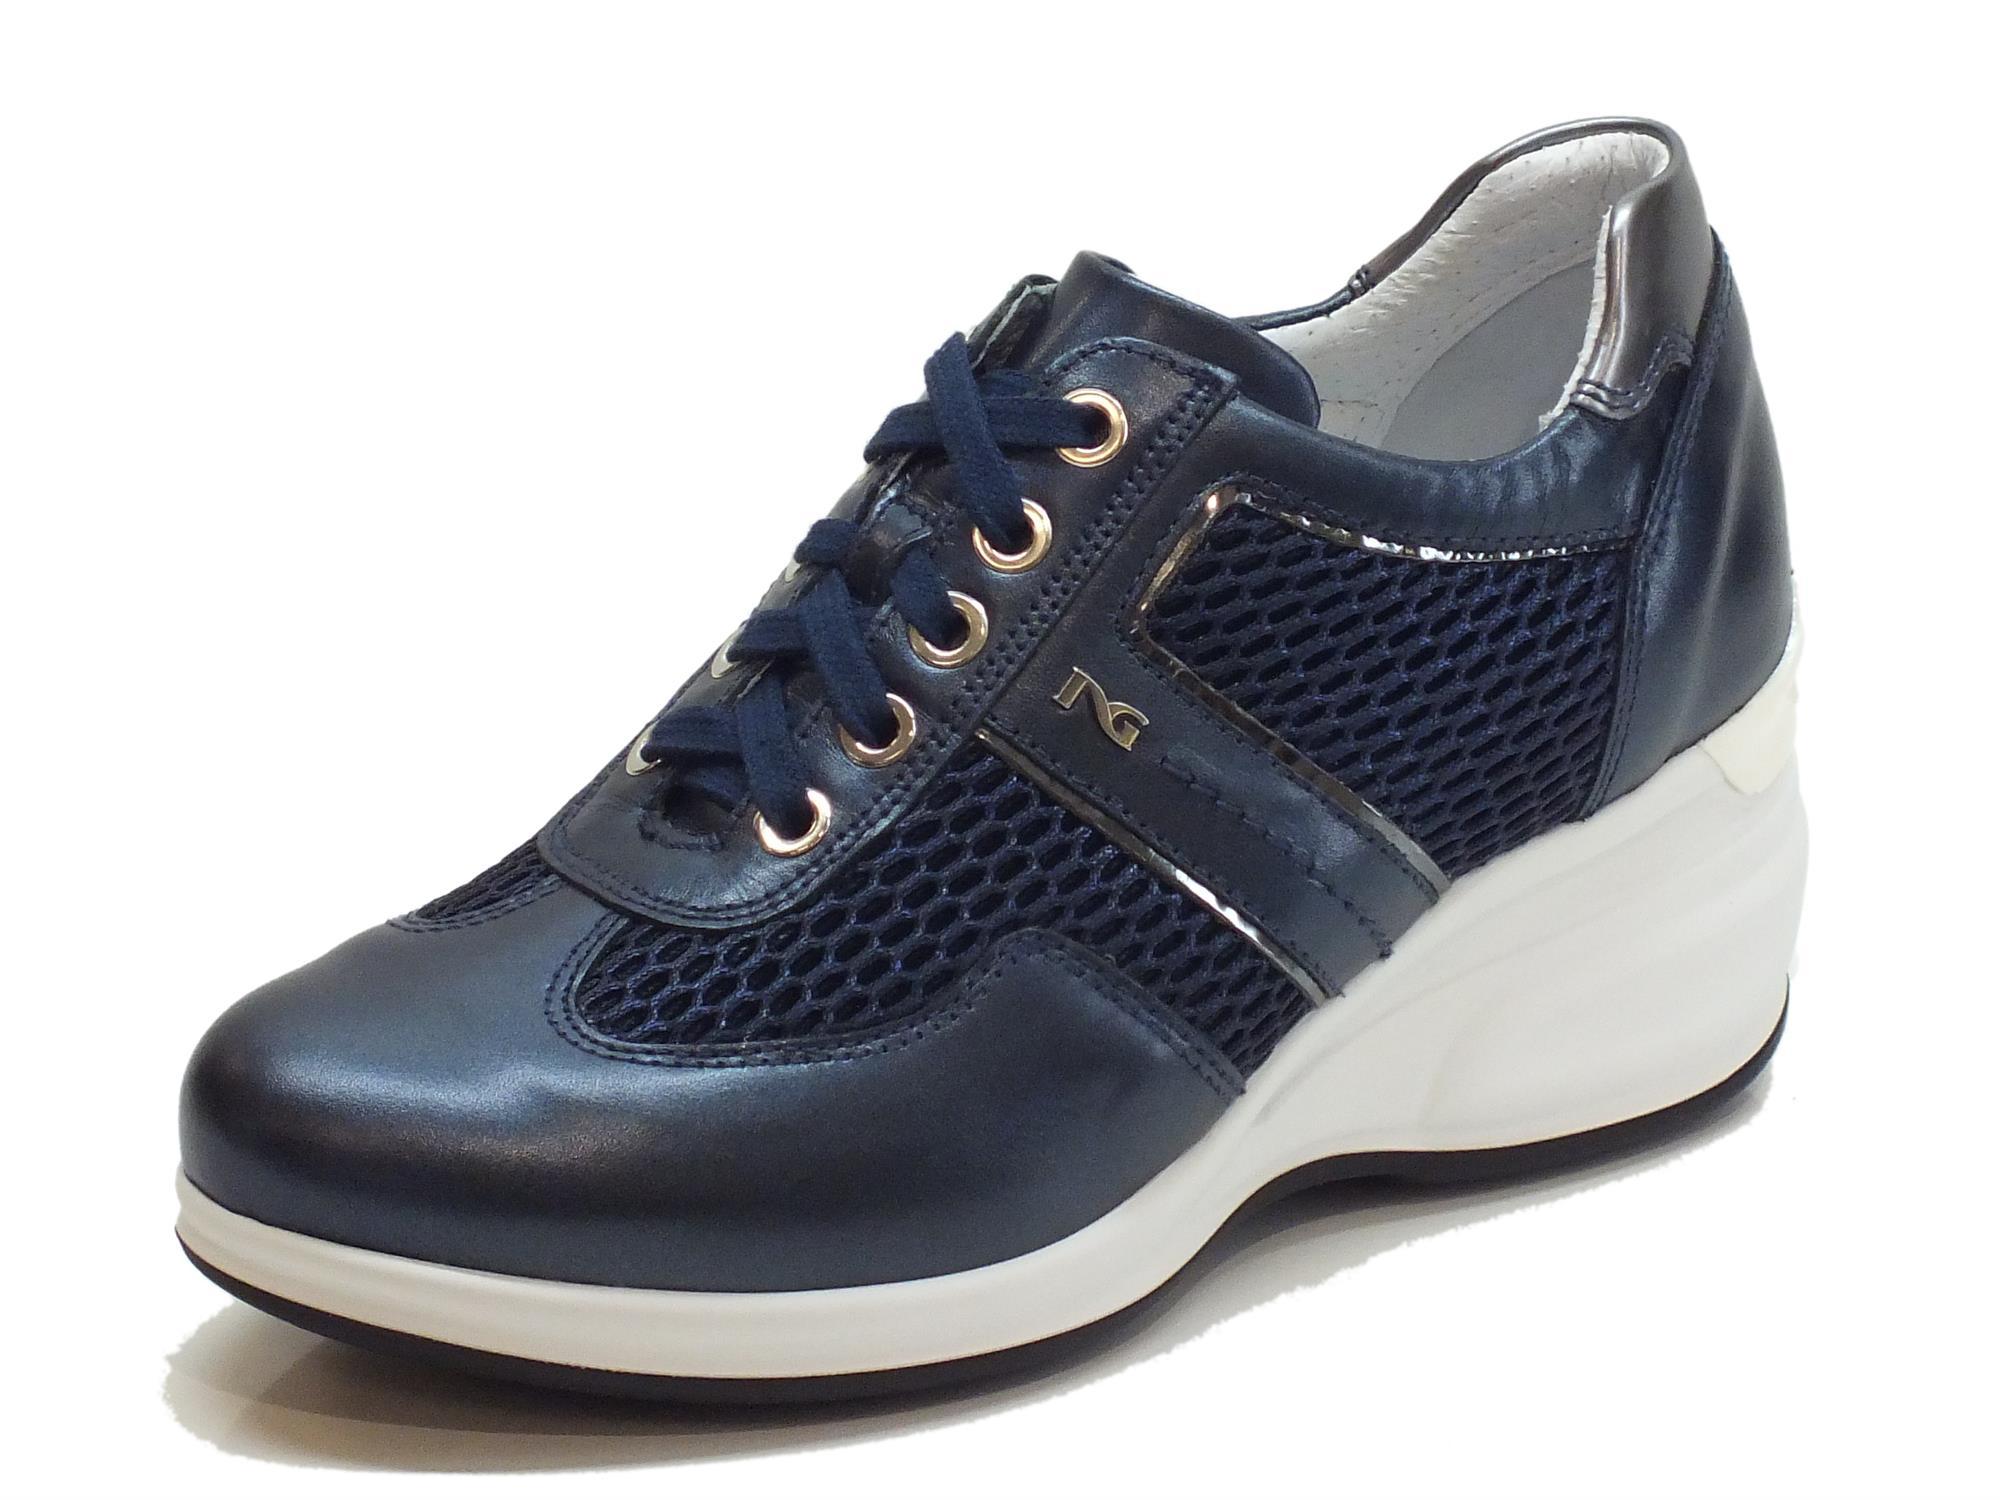 Sneakers NeroGiardini per donna in pelle e tessuto blu oceano zeppa alta